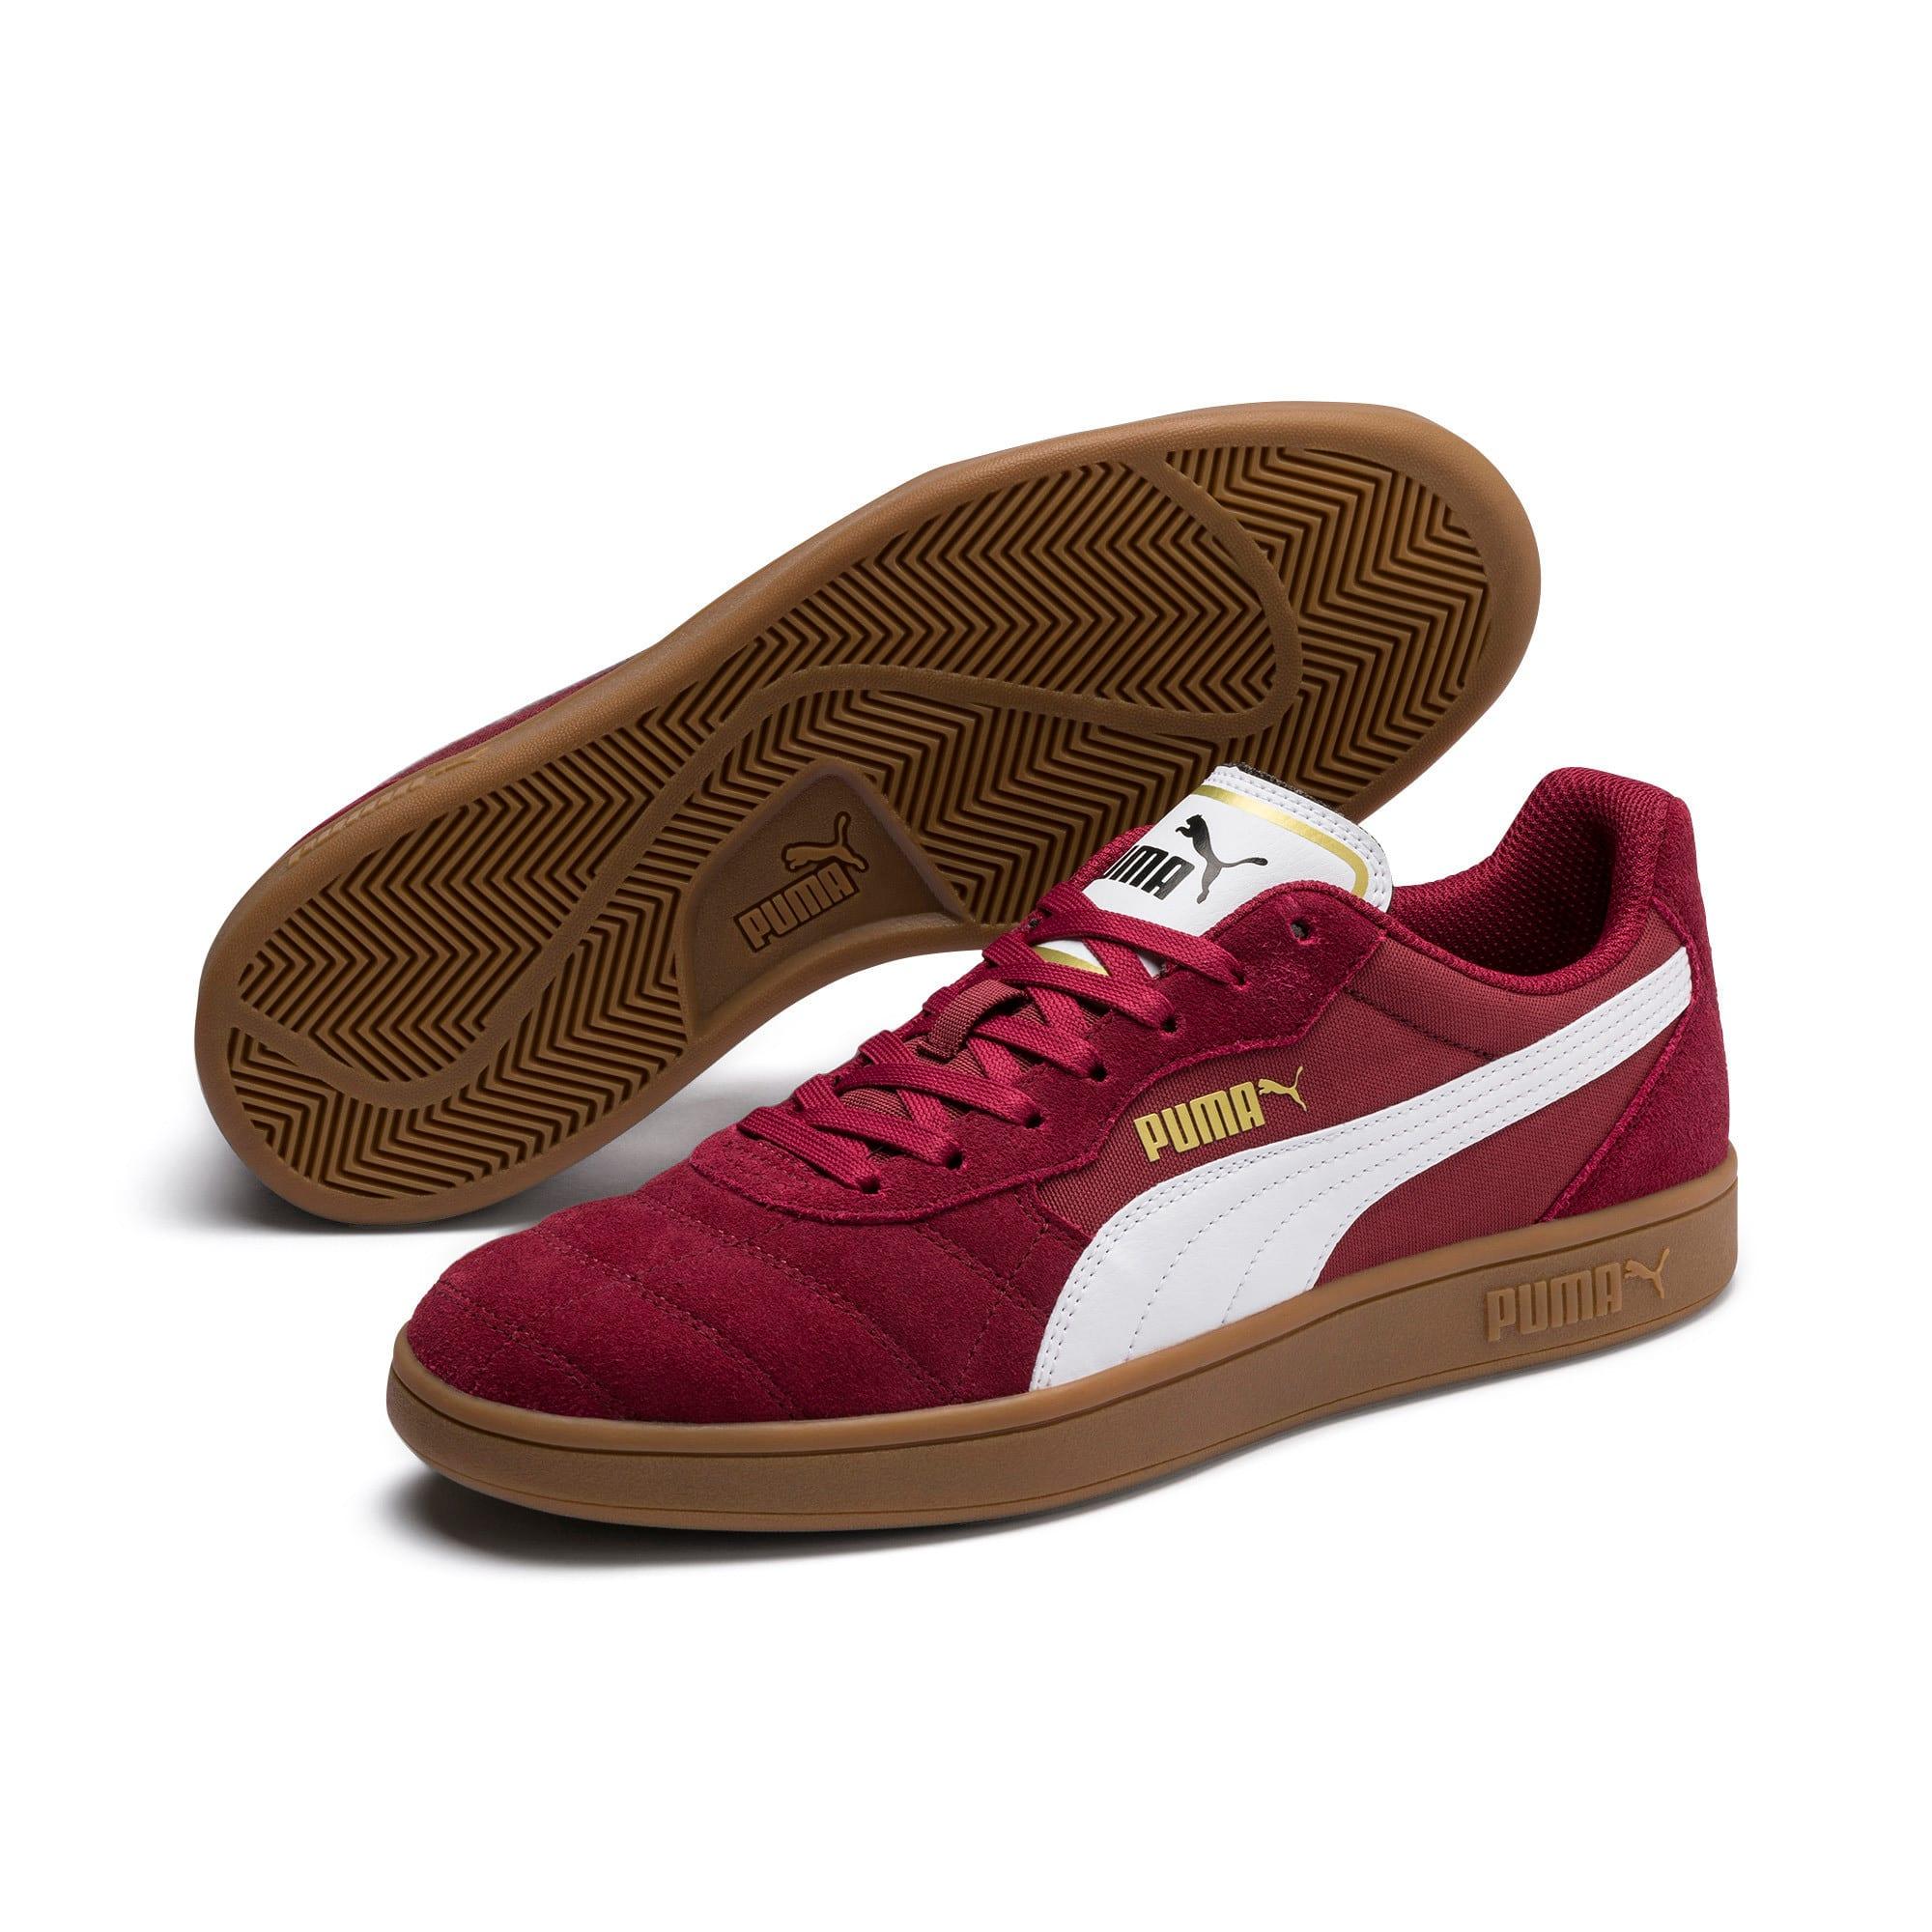 Thumbnail 2 of Astro Kick Sneakers, Cordovan-Puma White, medium